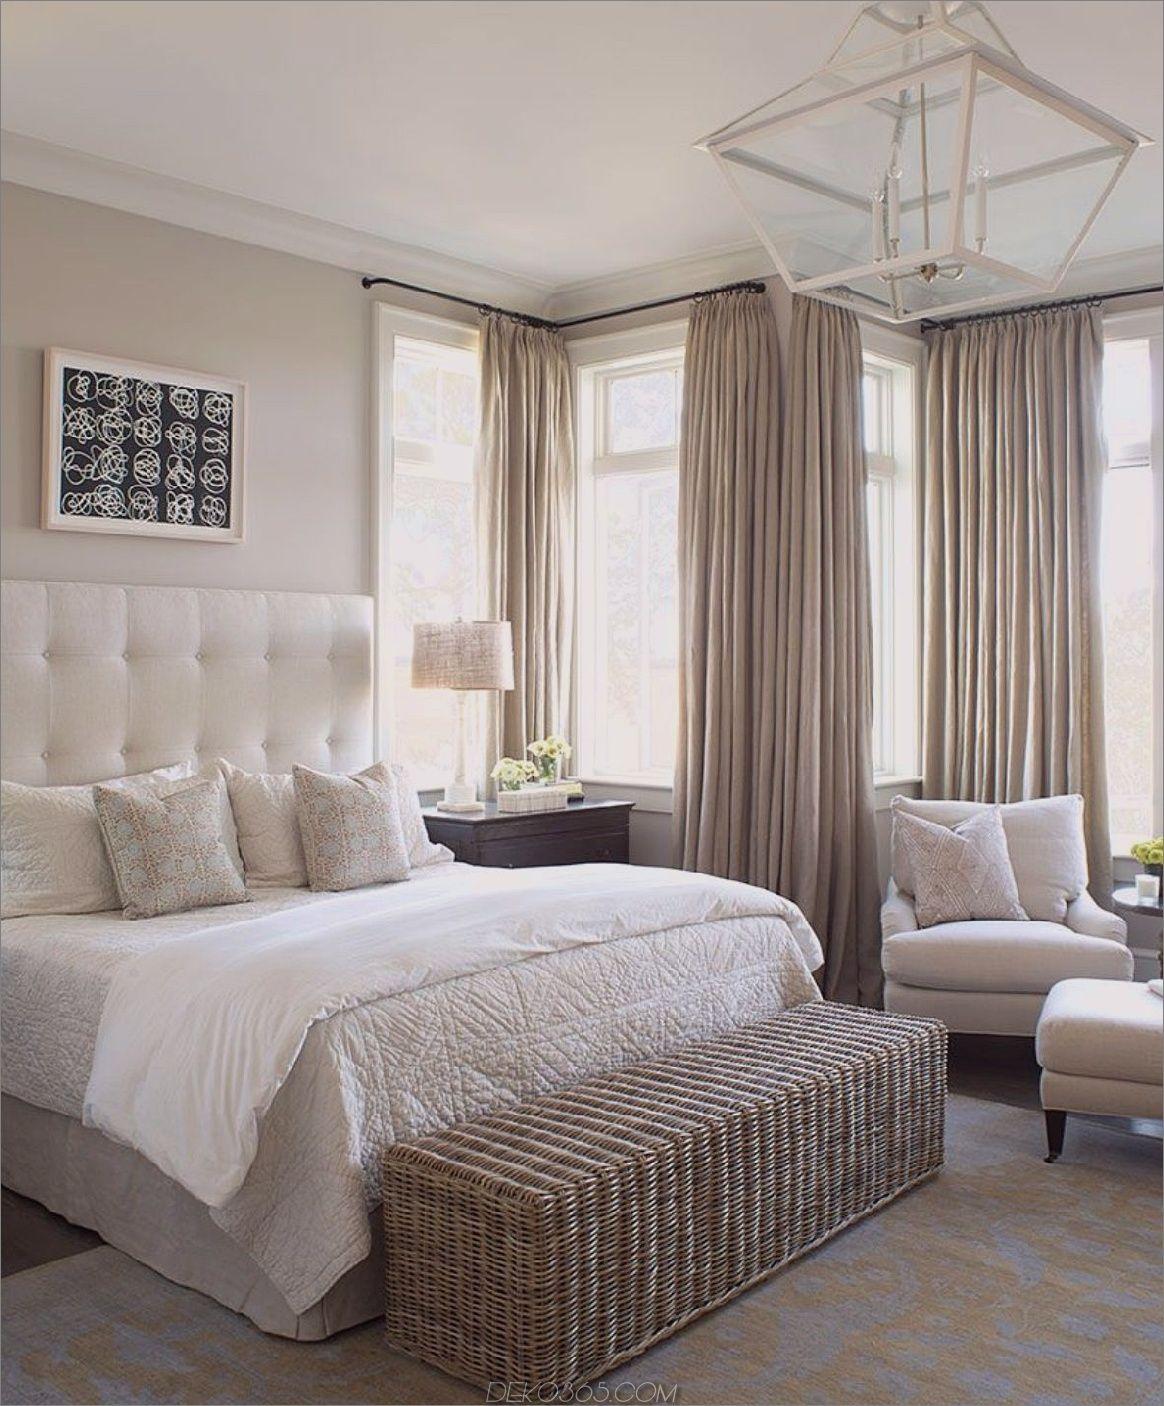 12 Vorhänge wohnzimmer Ideen   vorhänge wohnzimmer, vorhänge ...